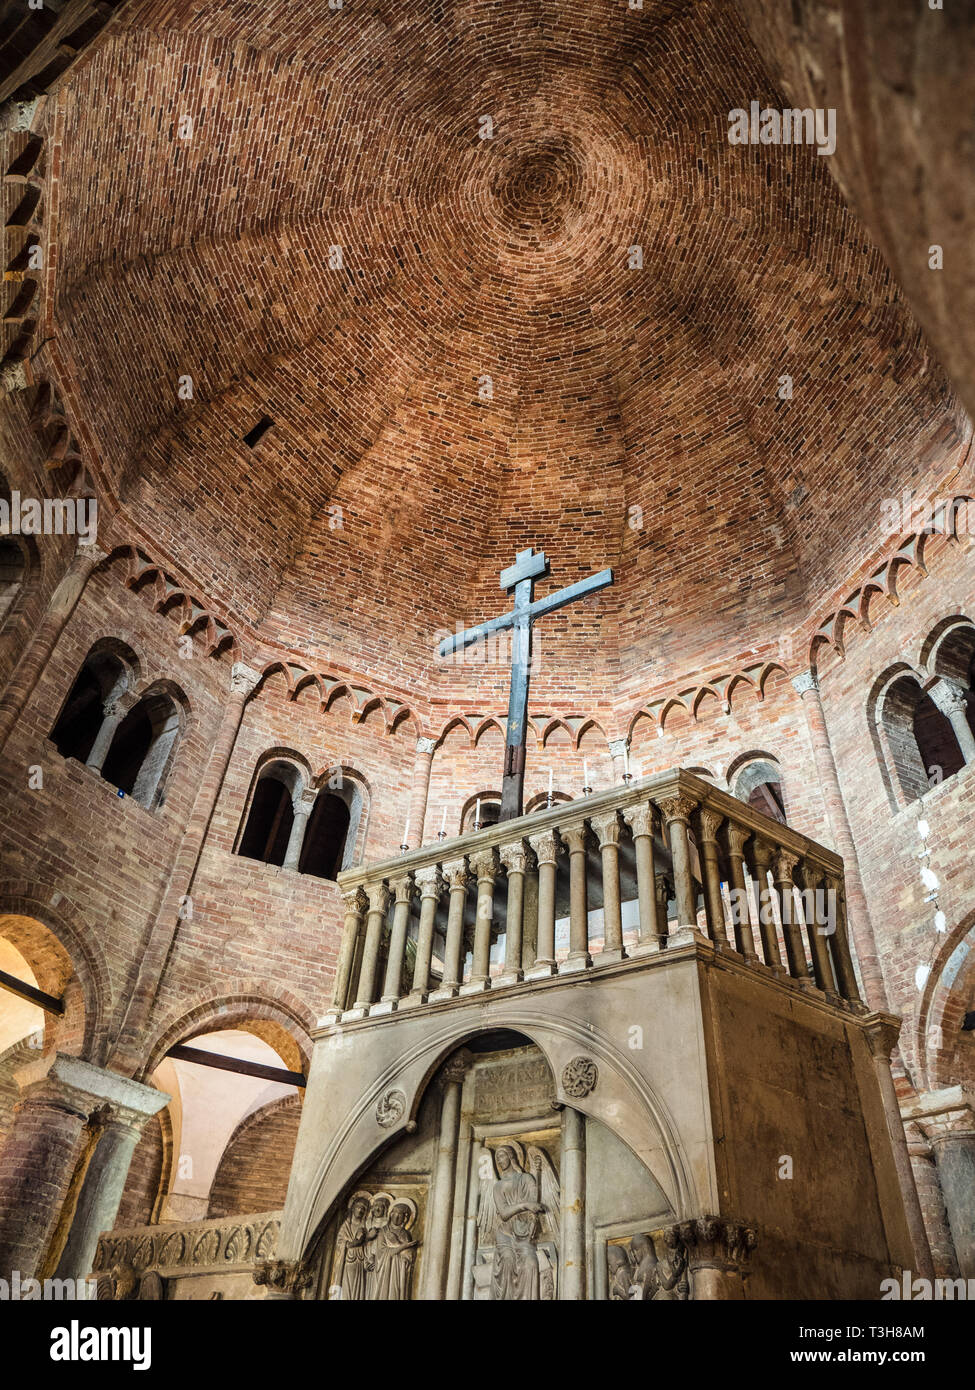 Basilica di Santo Stefano, Basilica di Santo Stefano, dalla Basilica di Santo Stefano, - un complesso di sette chiese nel centro di Bologna, risalente al 5° C Immagini Stock